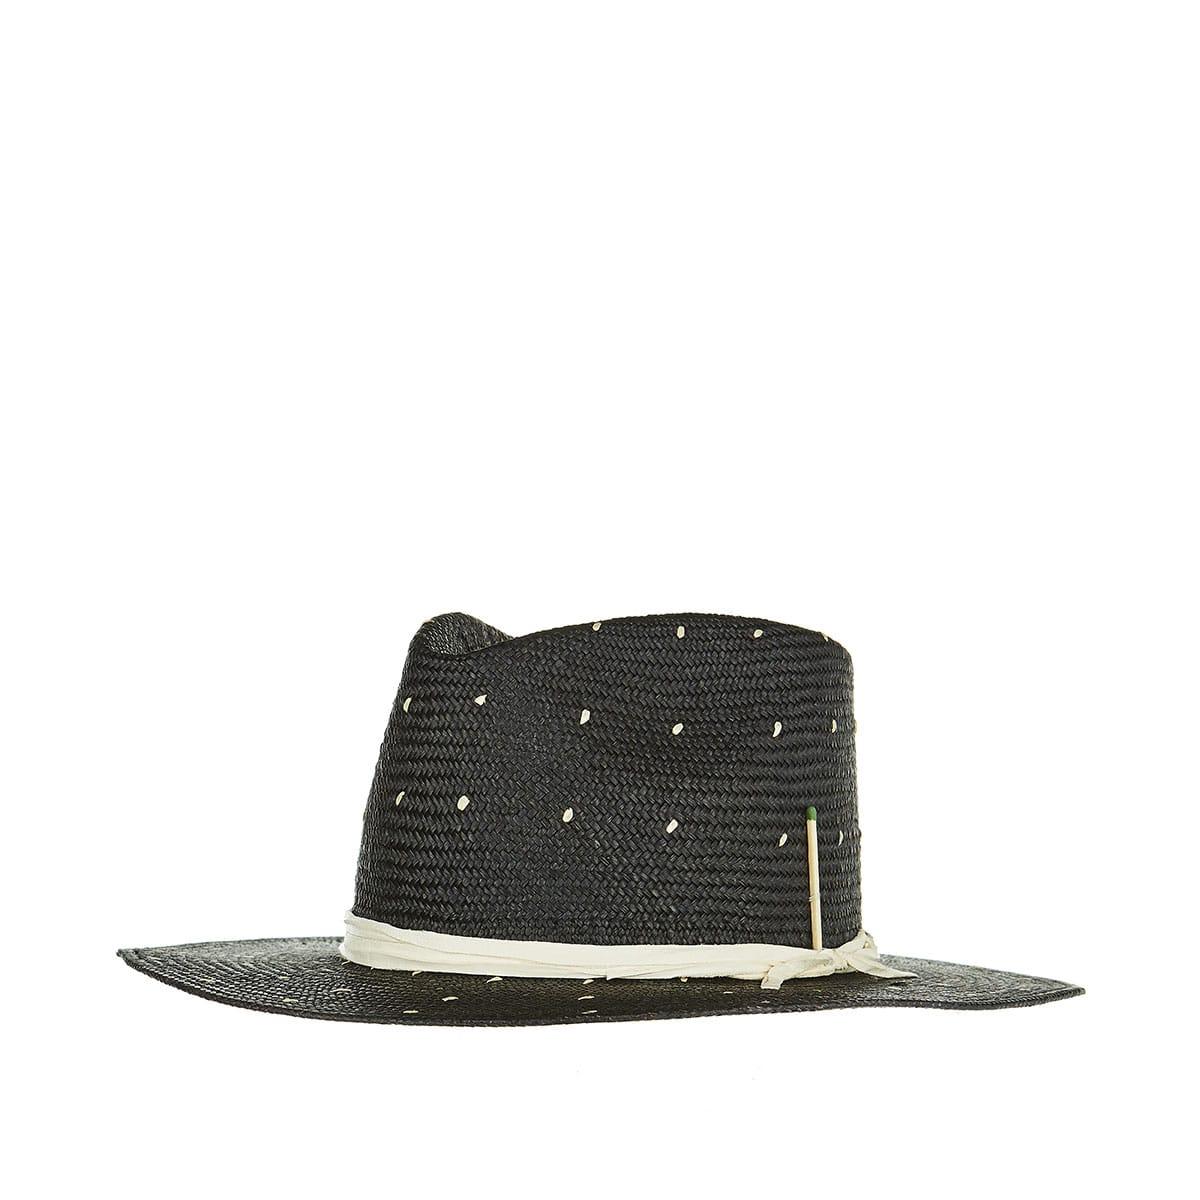 Rain Dog woven straw hat